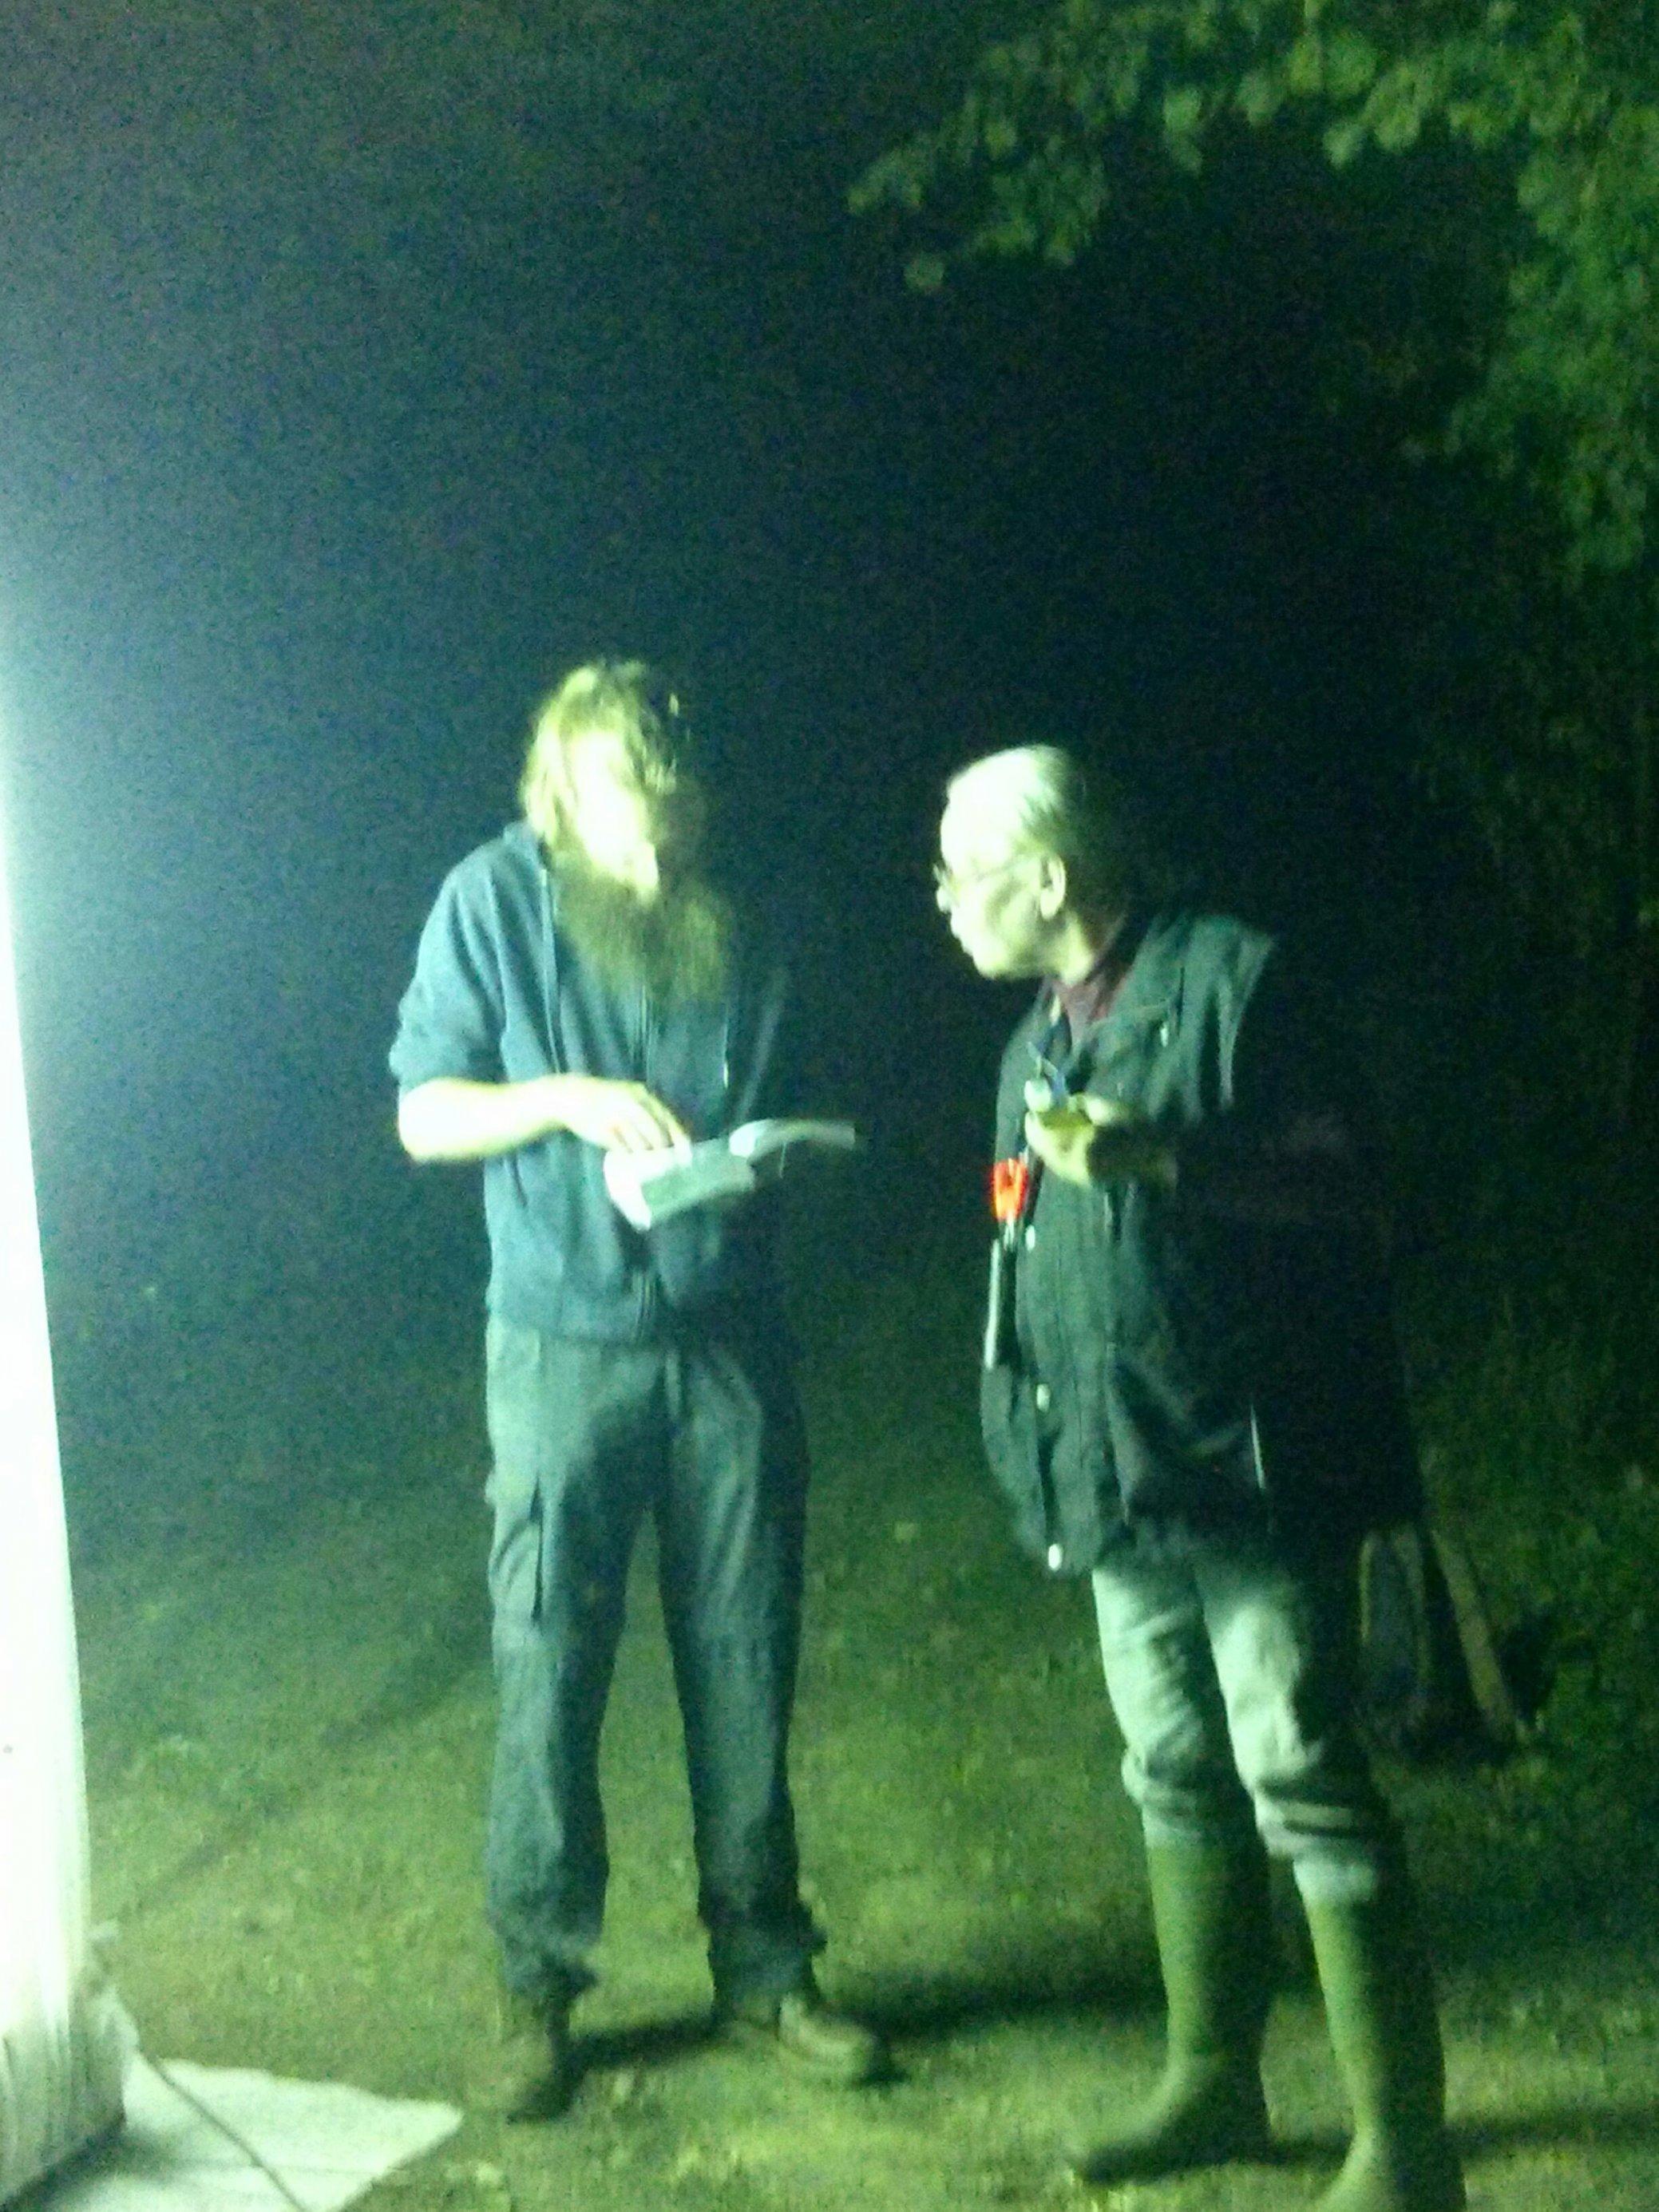 """Die Nachtfalterexperten Birgitt Piepgras und Timo Zeimet beugen sich im Schein eines """"Leuchtturms"""" zum Anlocken von Fluginsekten über einen Falter, den sie zwecks Bestimmung für kurze Zeit in ein Plastikgefäß gesteckt haben."""